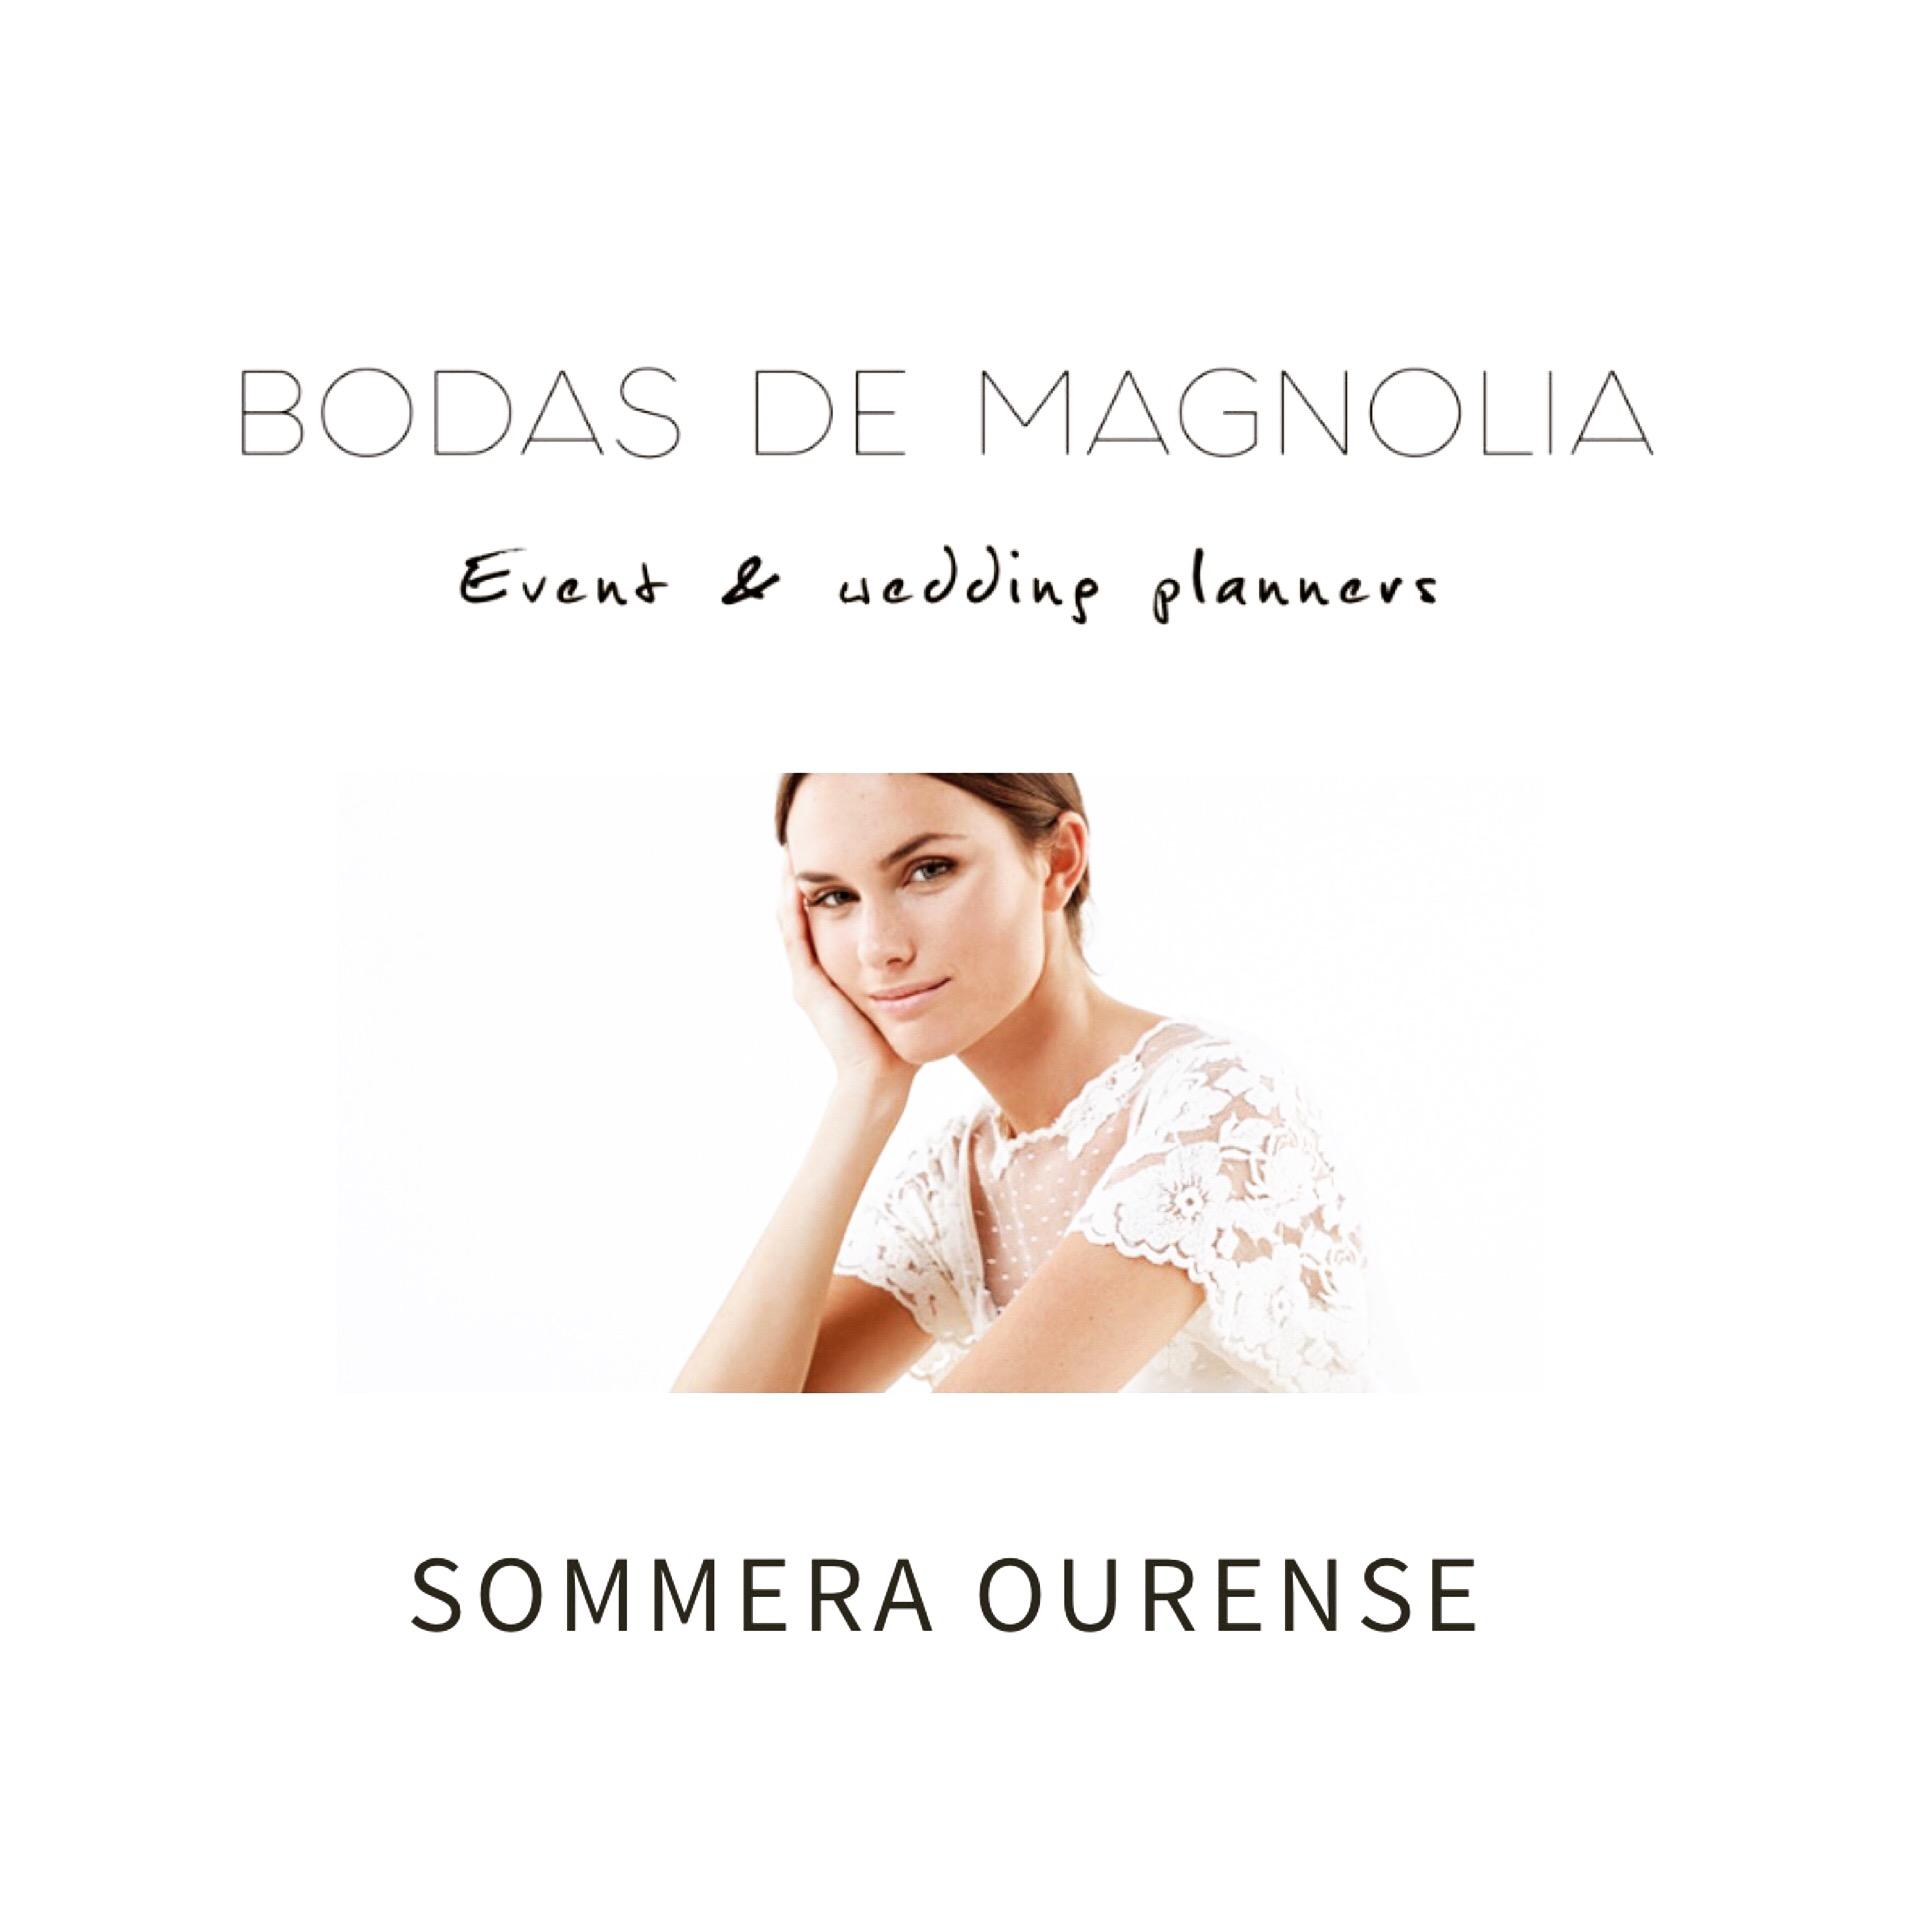 Sommera & Bodas de Magnolia